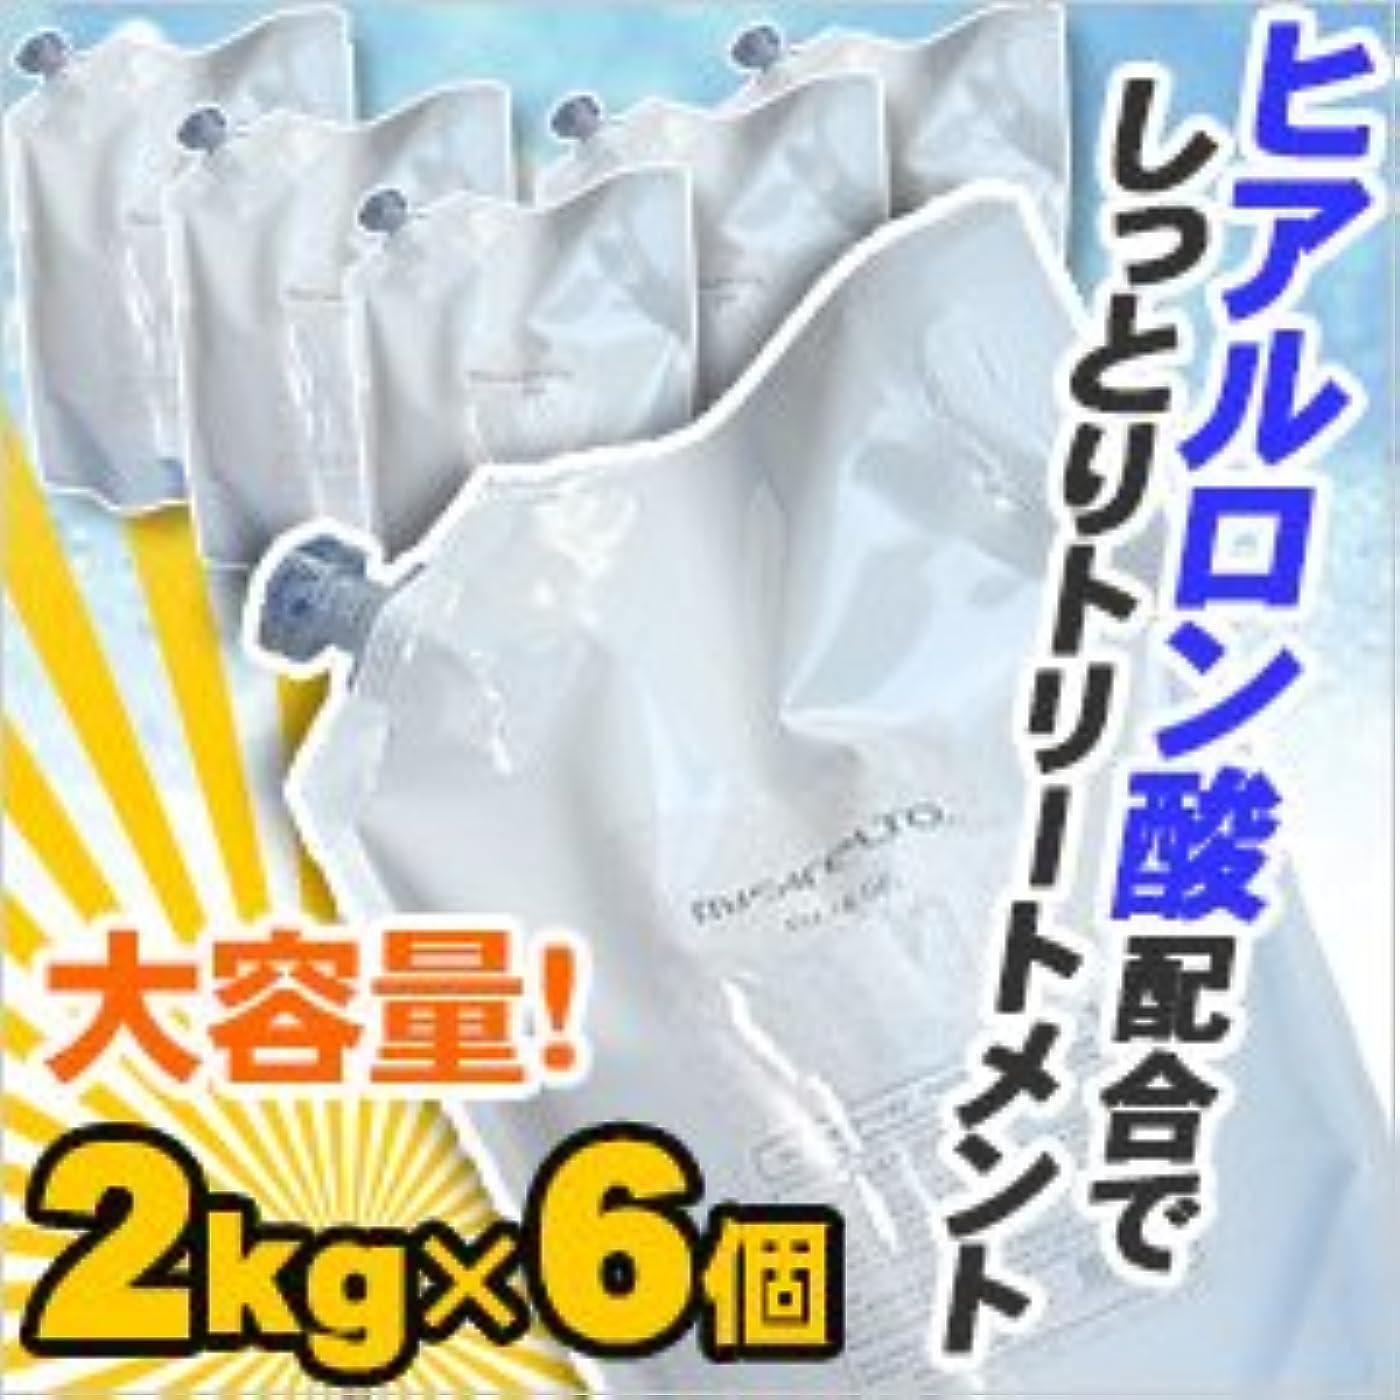 近代化する行方不明何故なの国産 CLEARジェル2kg×6個  【脱毛?キャビ?フォト?ソニック用マルチジェル】